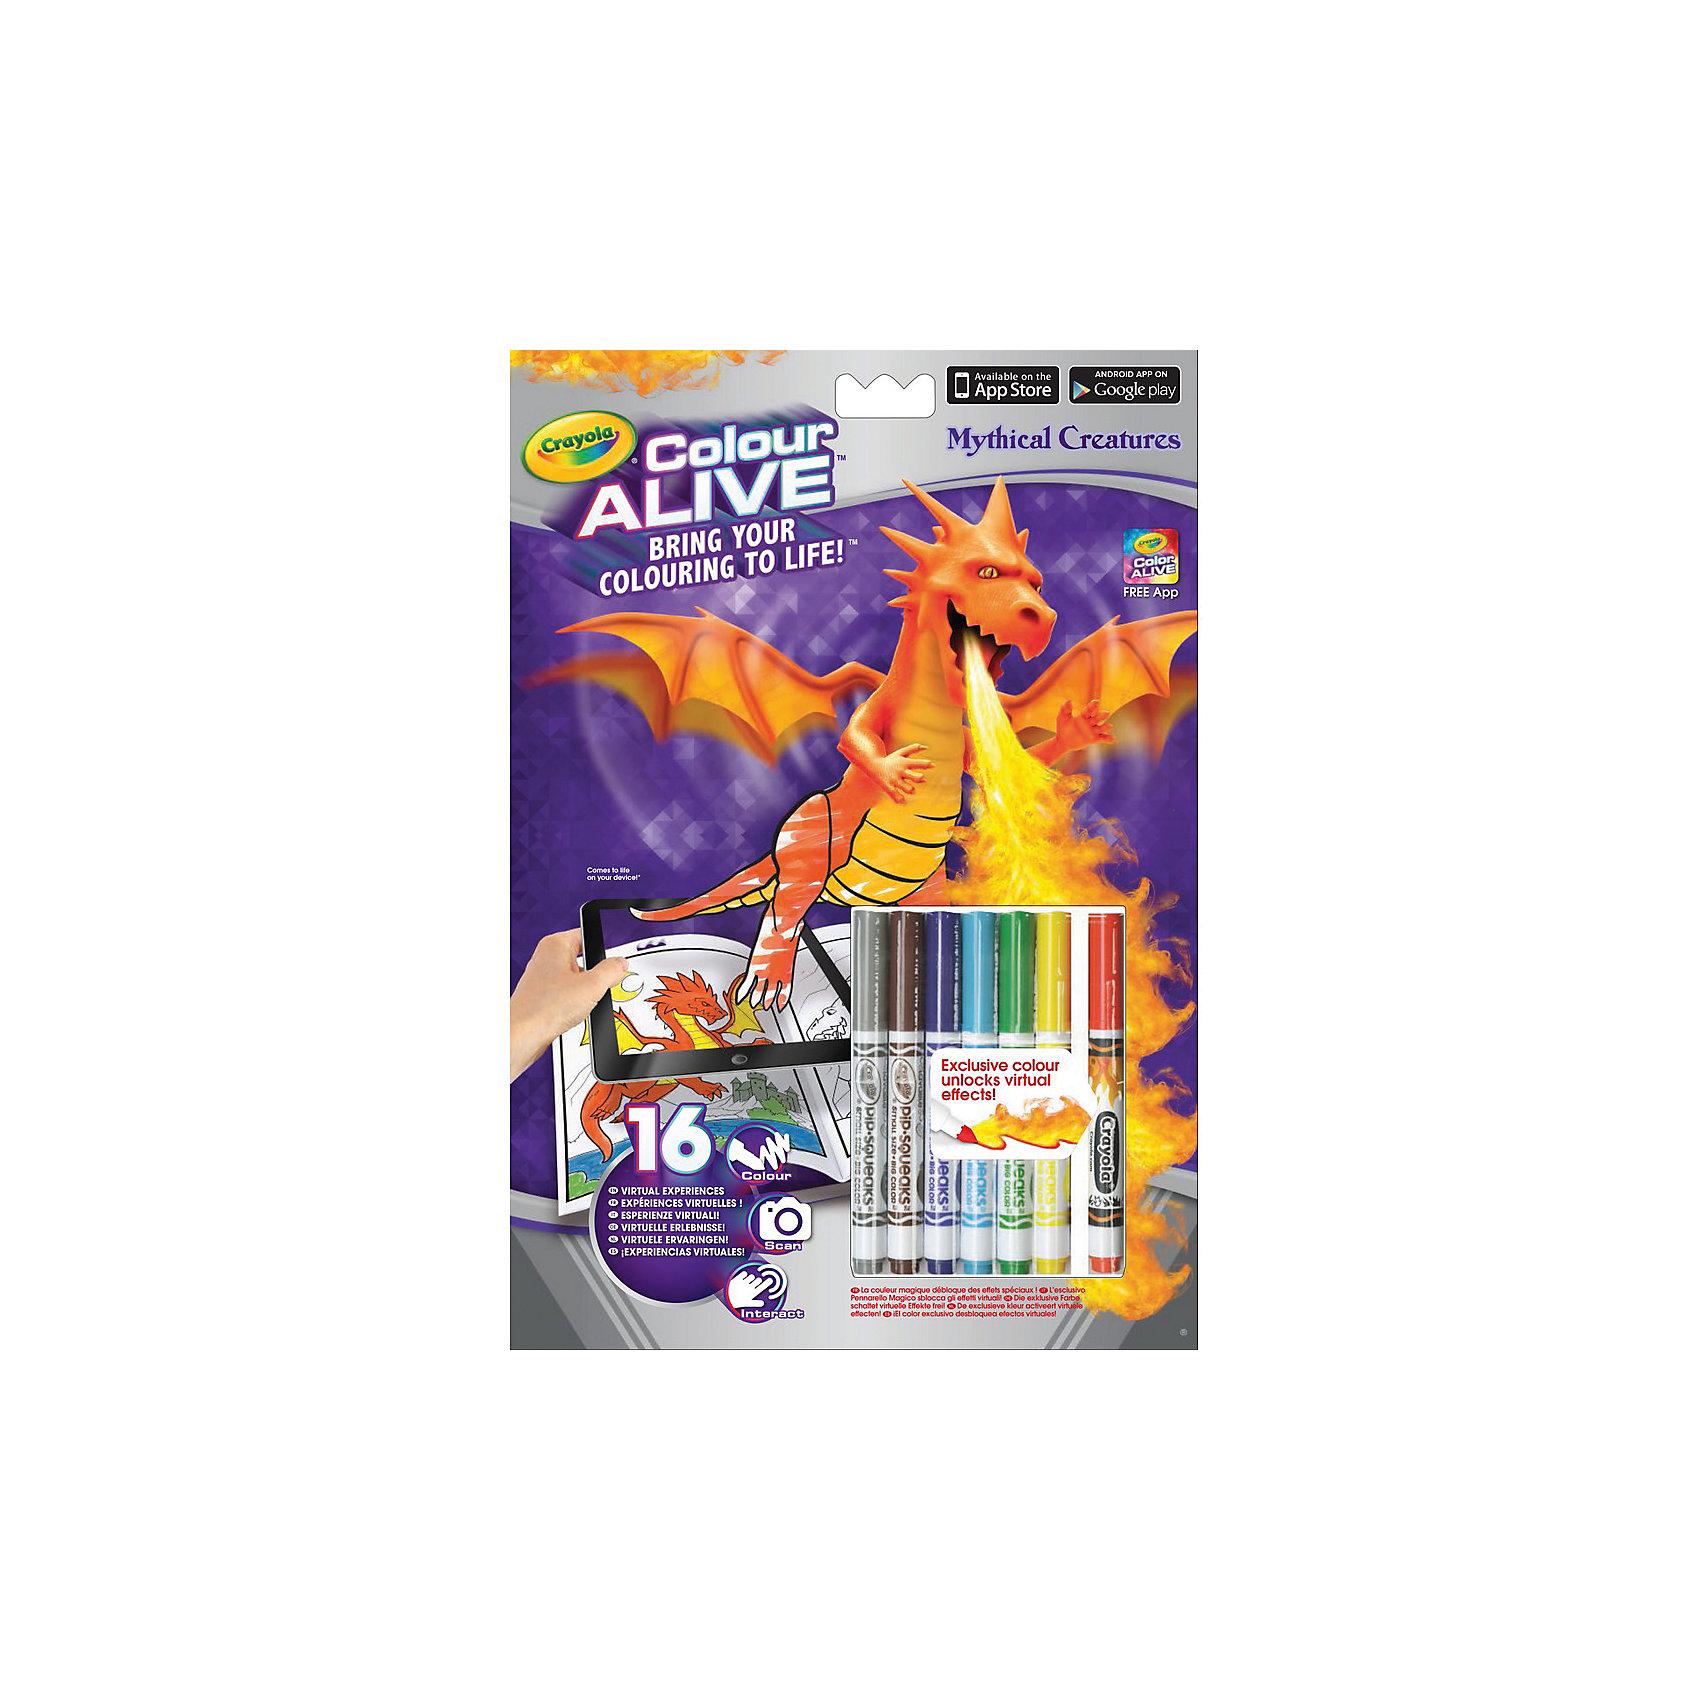 Интерактивная раскраска Colour Alive Драконы, CrayolaРаскраски<br>Вдохни жизнь в свои рисунки вместе с новыми уникальными интерактивными книжками-раскрасками от Crayola (Крайола)!  <br><br>Как и обычная раскраска, интерактивная книжка-раскраска «Зачарованный лес» начинается с обычного листа бумаги. Создай уникальный дизайн персонажа на картинке, затем используй специальный карандаш, который разблокирует виртуальные эффекты в бесплатном приложении Color Alive на своём мобильном устройстве на базе Android или IOS, и чудесные герои зачарованного леса оживут! Теперь ты сможешь сфотографироваться вместе со своим творением или снять небольшое видео. Ведь каждый персонаж на одной из 16 страниц раскраски обладает своей уникальной анимацией и звуковыми эффектами. <br><br>Дополнительная информация:<br><br>В комплекте к интерактивной книжке-раскраске «Зачарованный лес», включающей 16 страниц, есть 6 цветных карандашей Crayola (Крайола) и один специальный карандаш Pixie Dust, который разблокирует виртуальные эффекты в приложении Color Alive.  <br><br>Удобные карандаши Crayola (Крайола) легко держать в руке, они созданы из экологически чистых материалов и безвредны для малыша. С помощью книжки-раскраски ребёнок развивает своё воображение и творческие навыки, а также тренирует мелкую моторику рук.<br><br>Интерактивную раскраску Colour Alive Драконы, Crayola (Крайола) можно купить в нашем магазине.<br><br>Ширина мм: 202<br>Глубина мм: 295<br>Высота мм: 10<br>Вес г: 140<br>Возраст от месяцев: 36<br>Возраст до месяцев: 108<br>Пол: Мужской<br>Возраст: Детский<br>SKU: 4055307